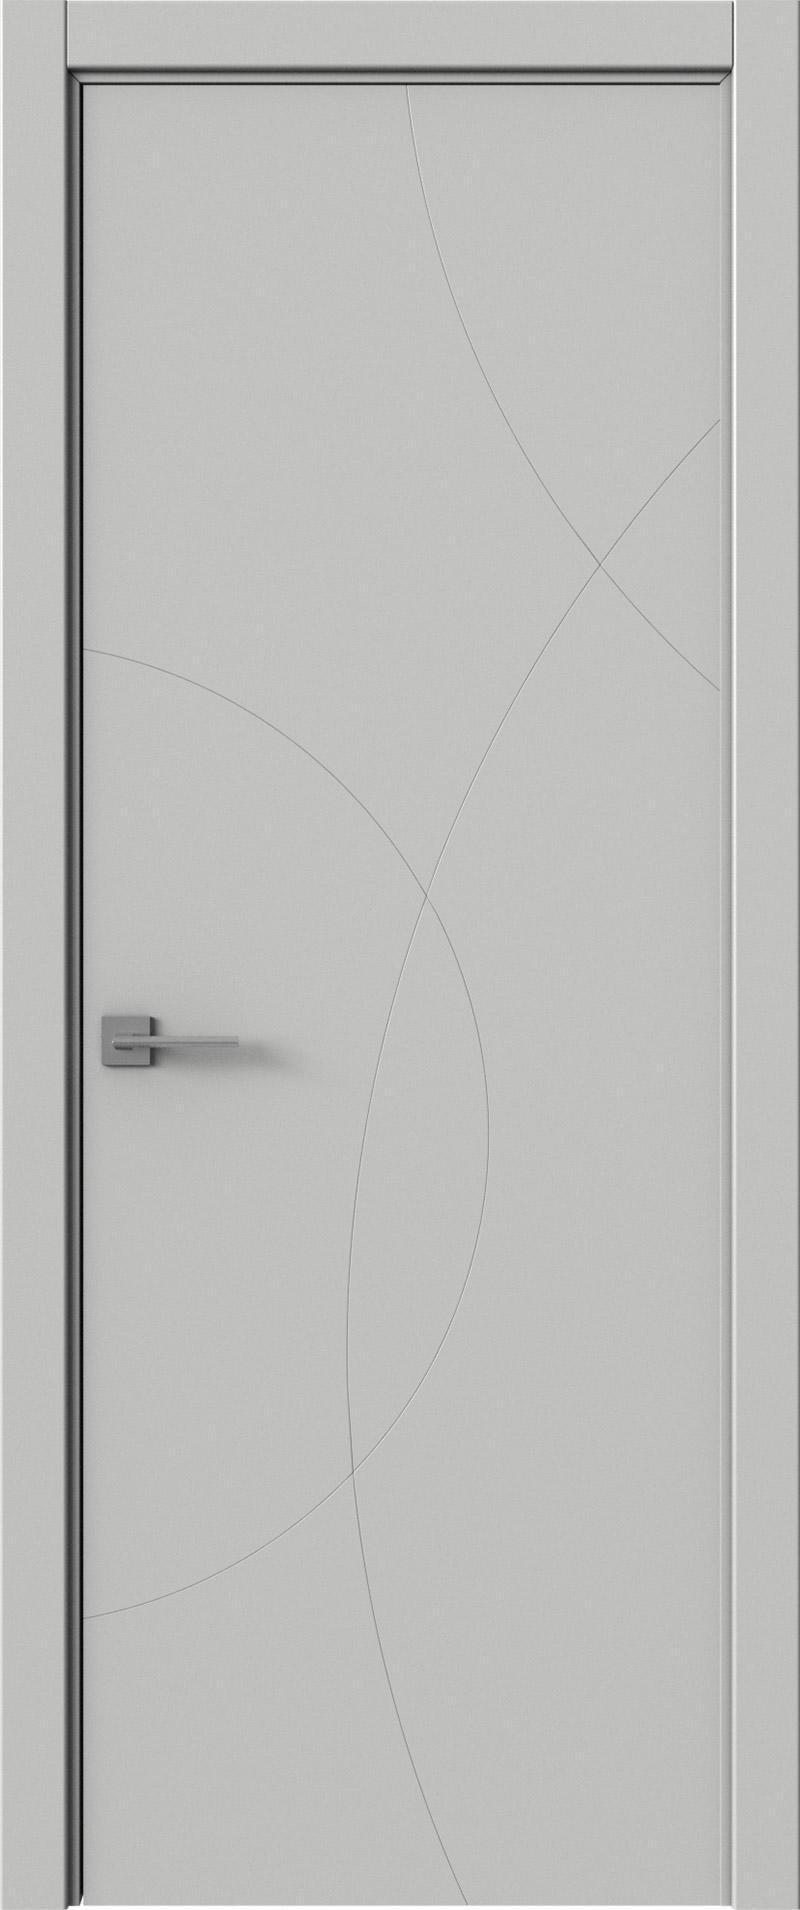 Tivoli Б-5 цвет - Серая эмаль (RAL 7047) Без стекла (ДГ)